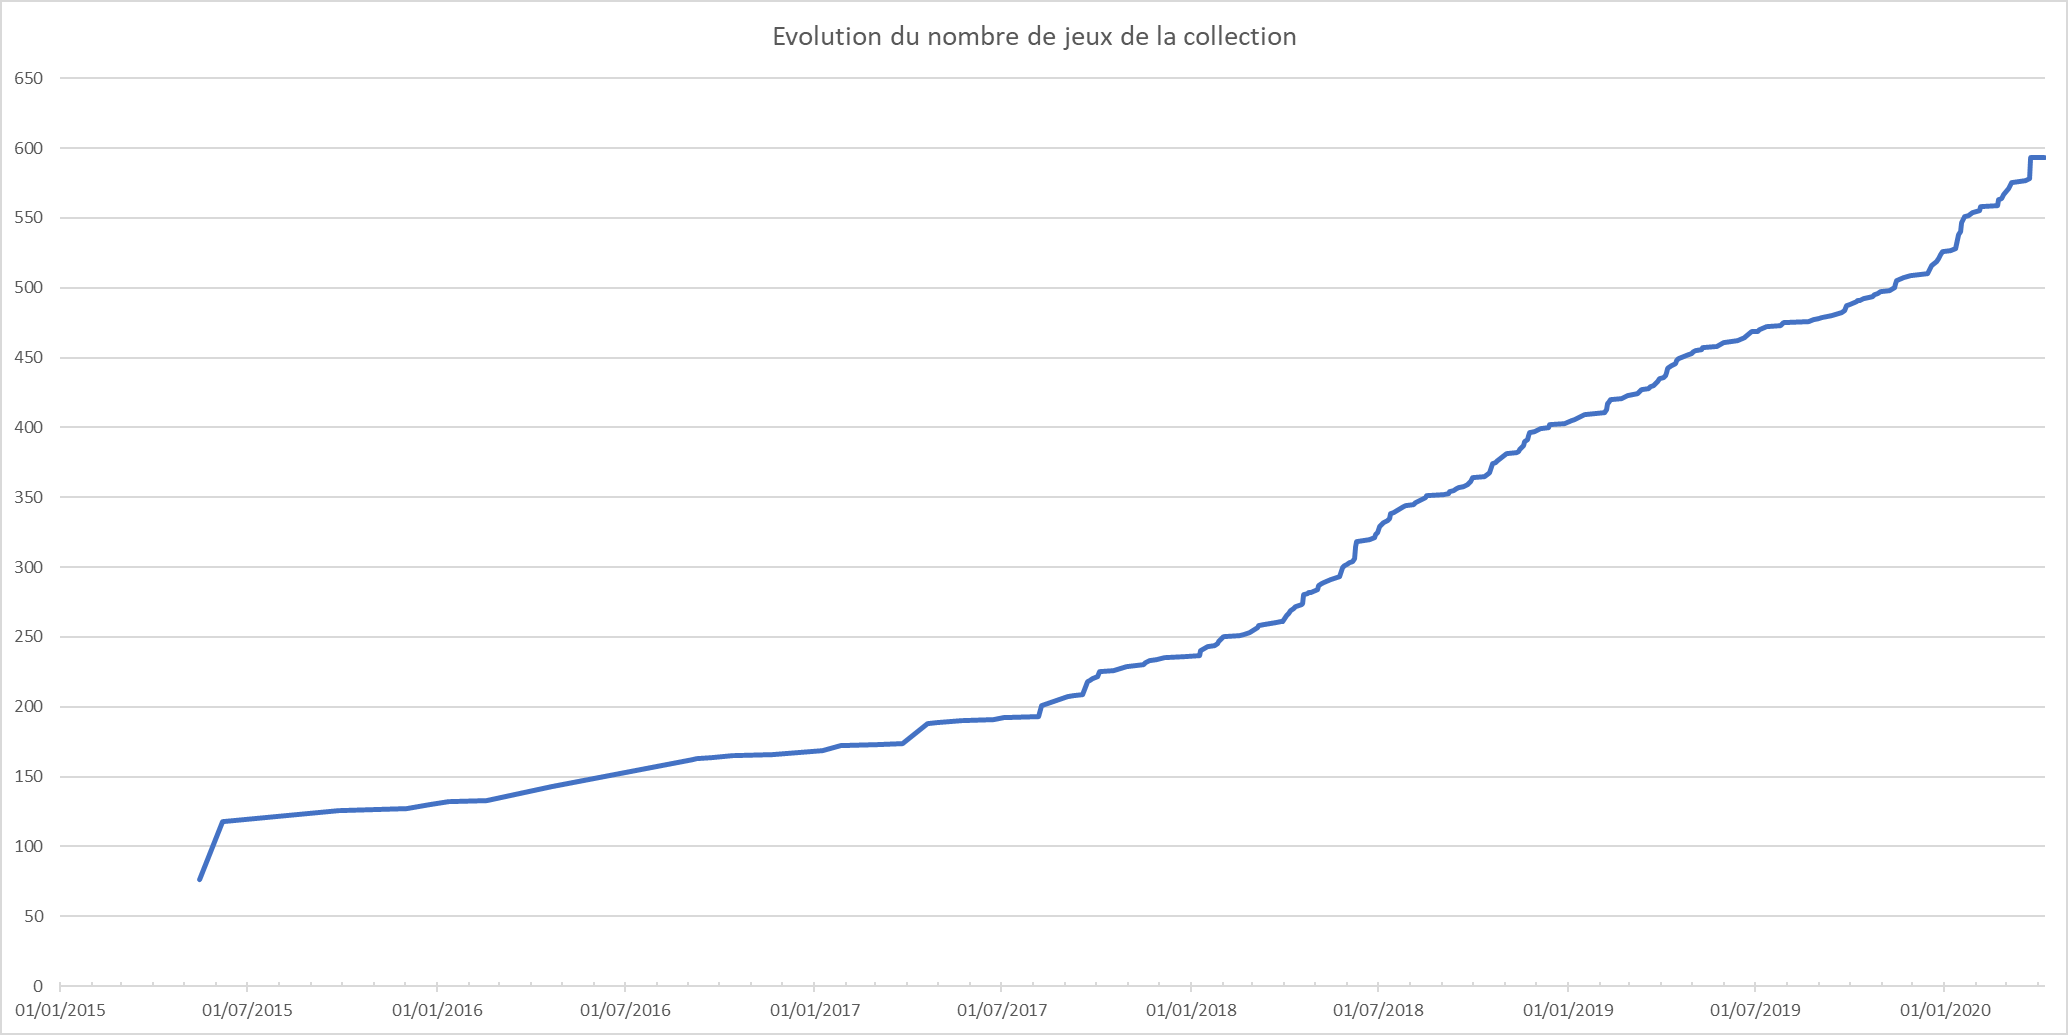 Evolution du nombre de jeux de la collection dans le temps